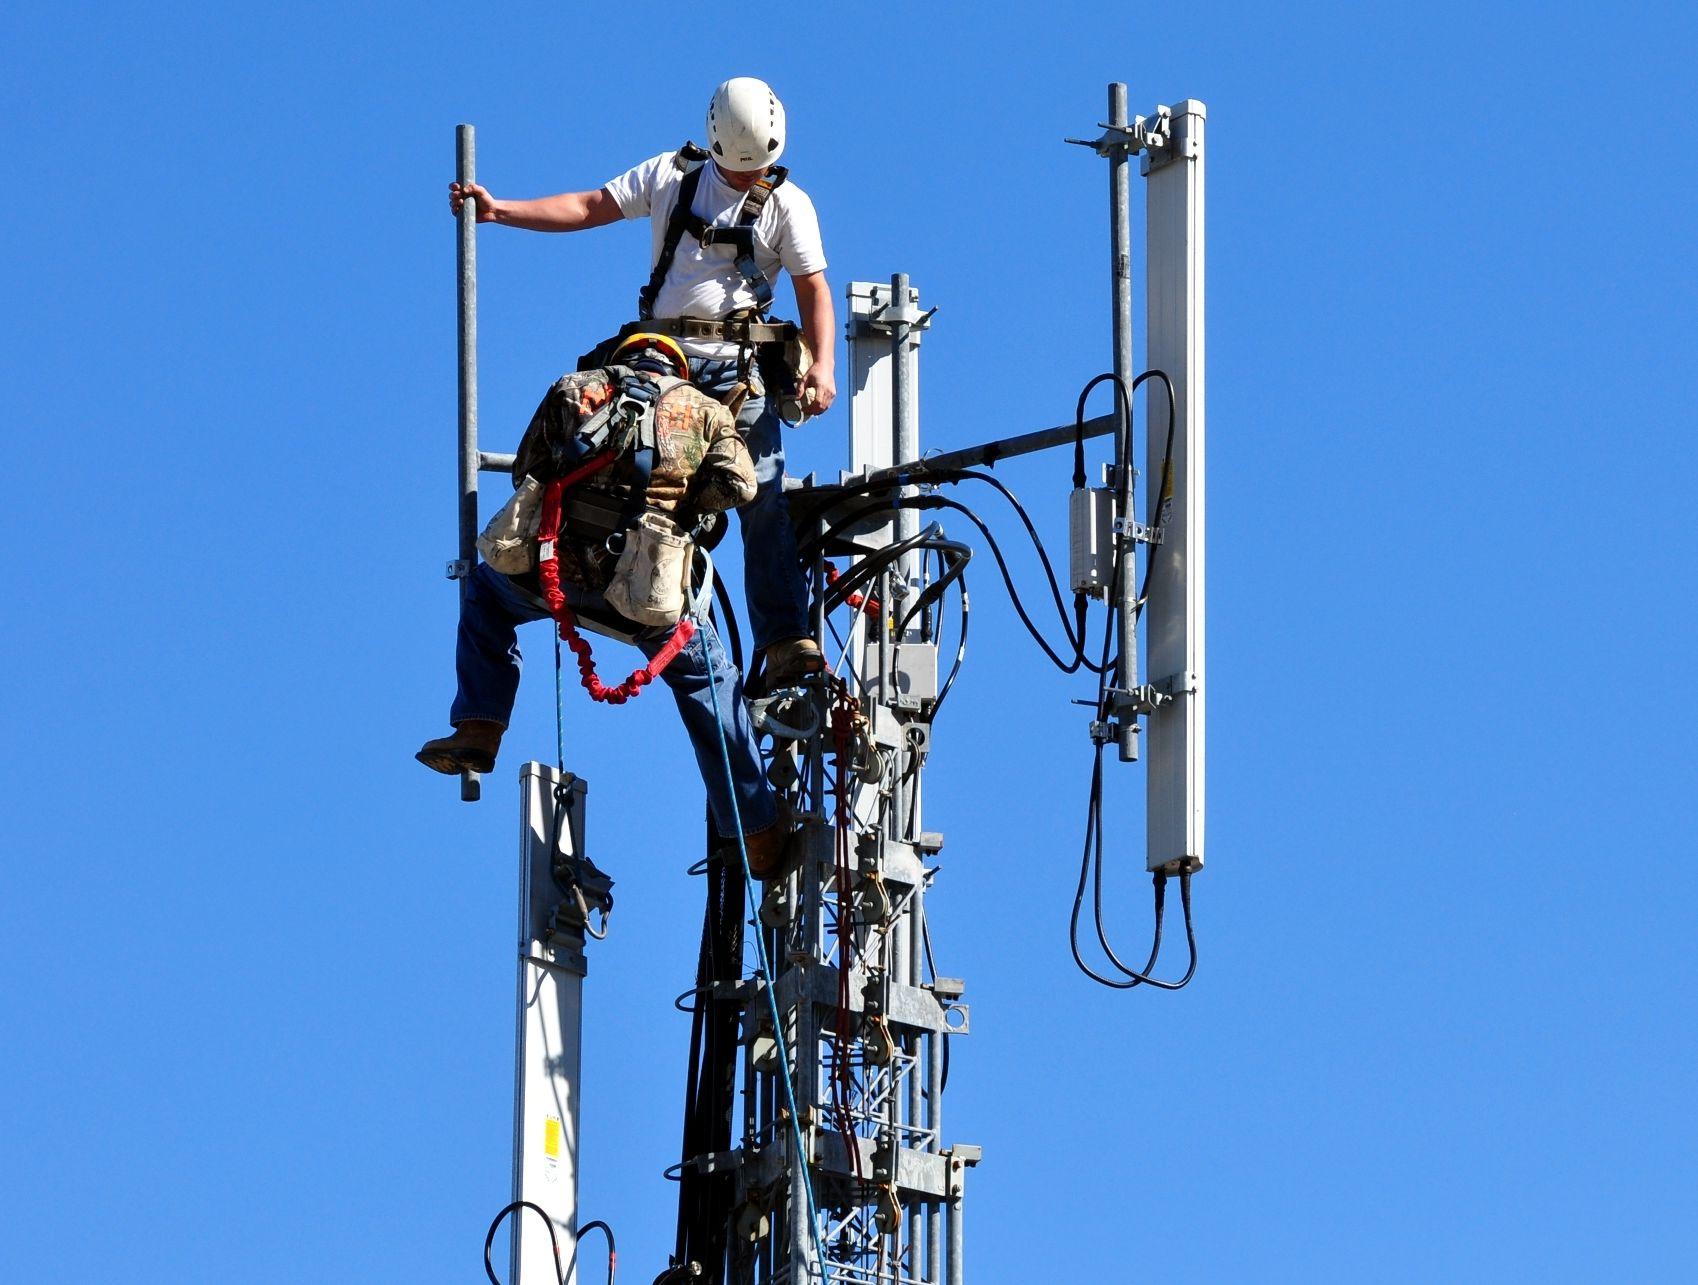 Déploiement 4G : pas de répit pour les opérateurs, mais la bande 700 MHz se fait attendre